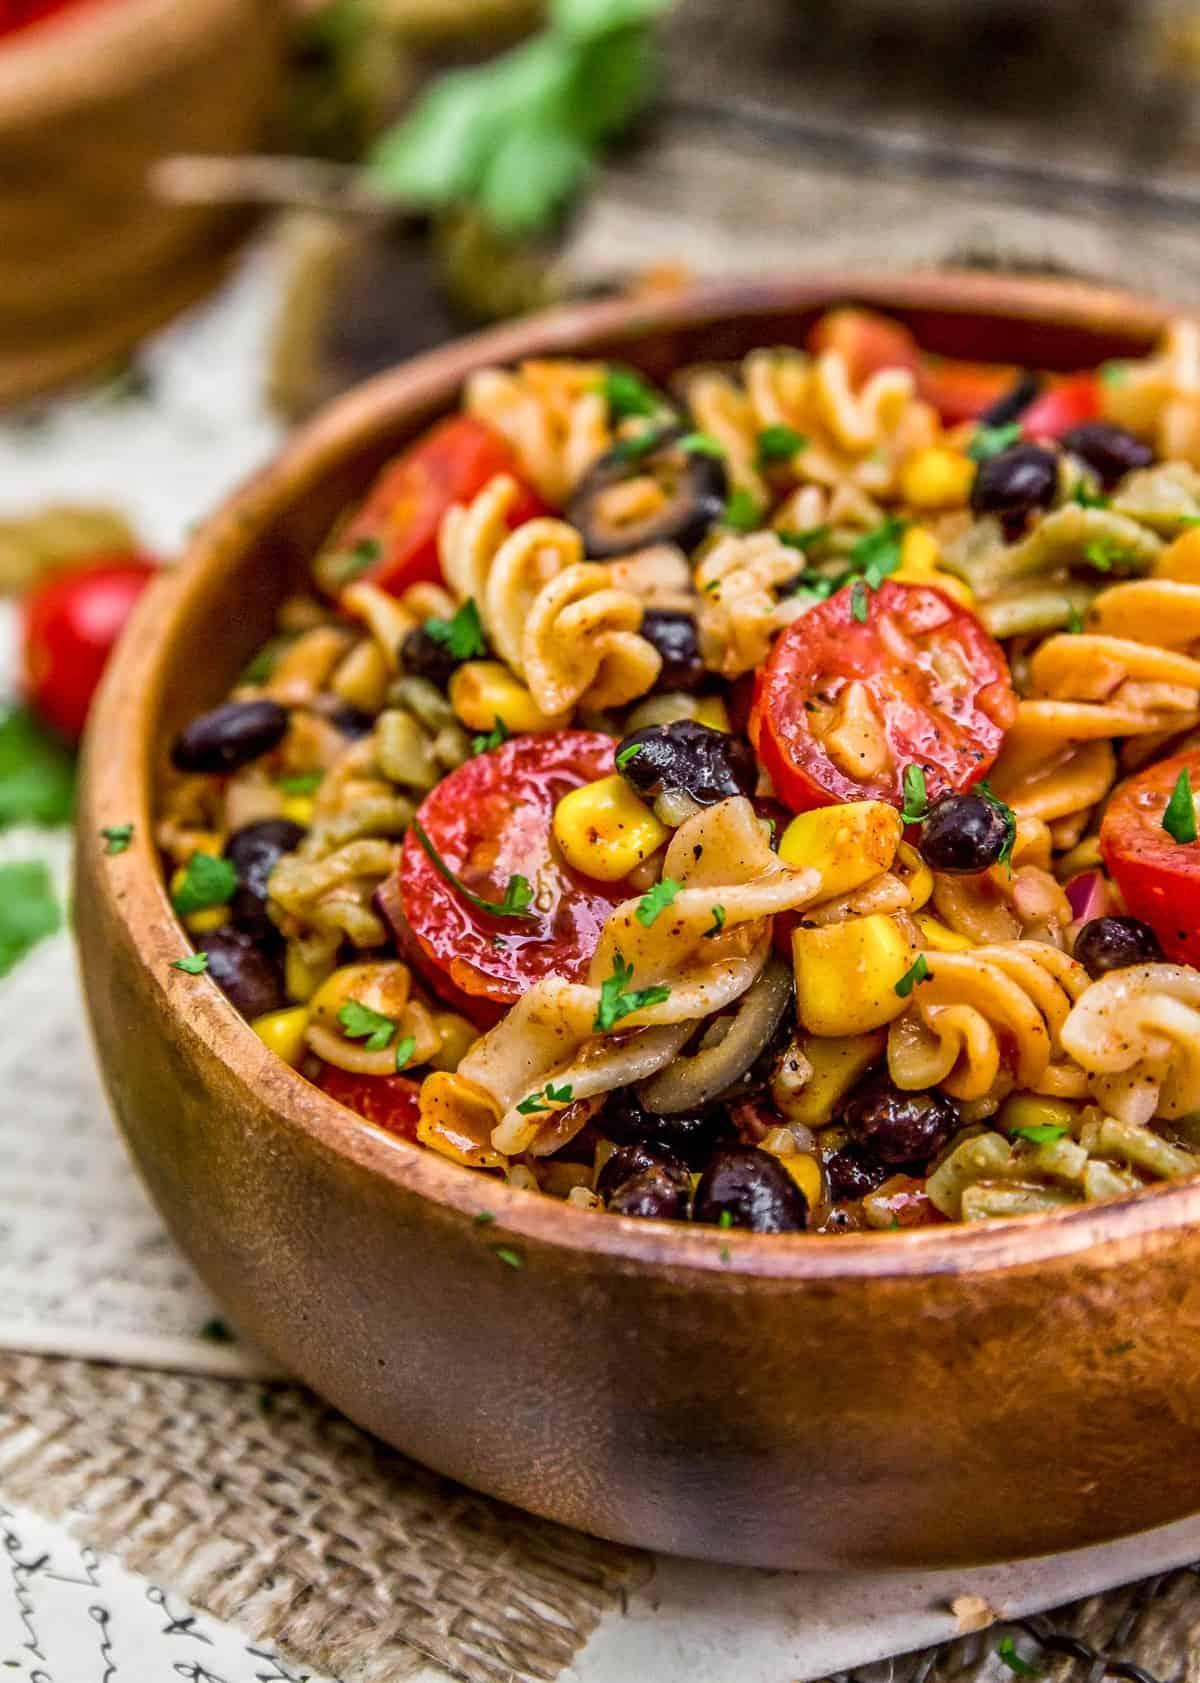 Bowl of Tex-Mex Pasta Salad